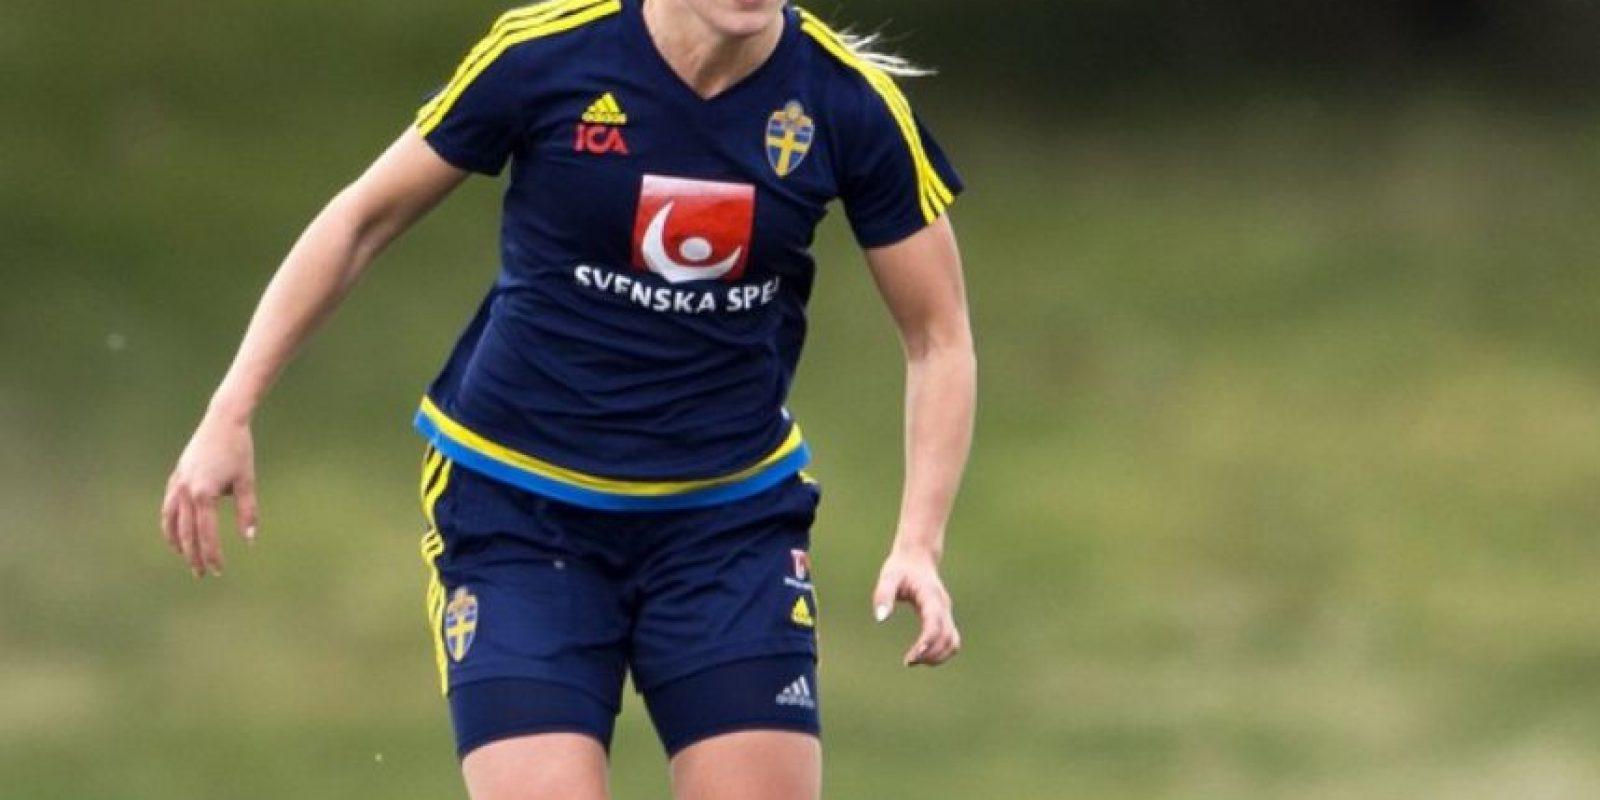 La hermosa rubia de 22 años cuenta con habilidad y velocidad para jugar como defensa o volante Foto:Vía instagram.com/erubensson